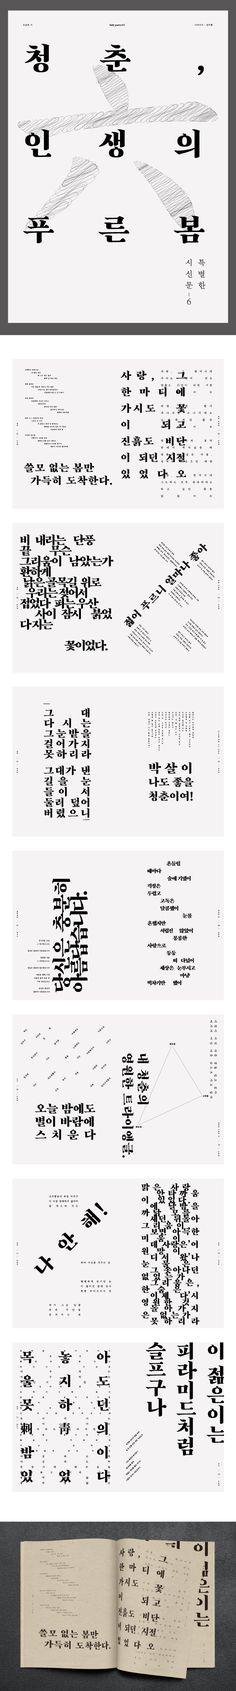 2014 Typography 2 특별한 시신문 6호 / #청춘 #바람체 타이포그래피 designed by #suhyeonkim